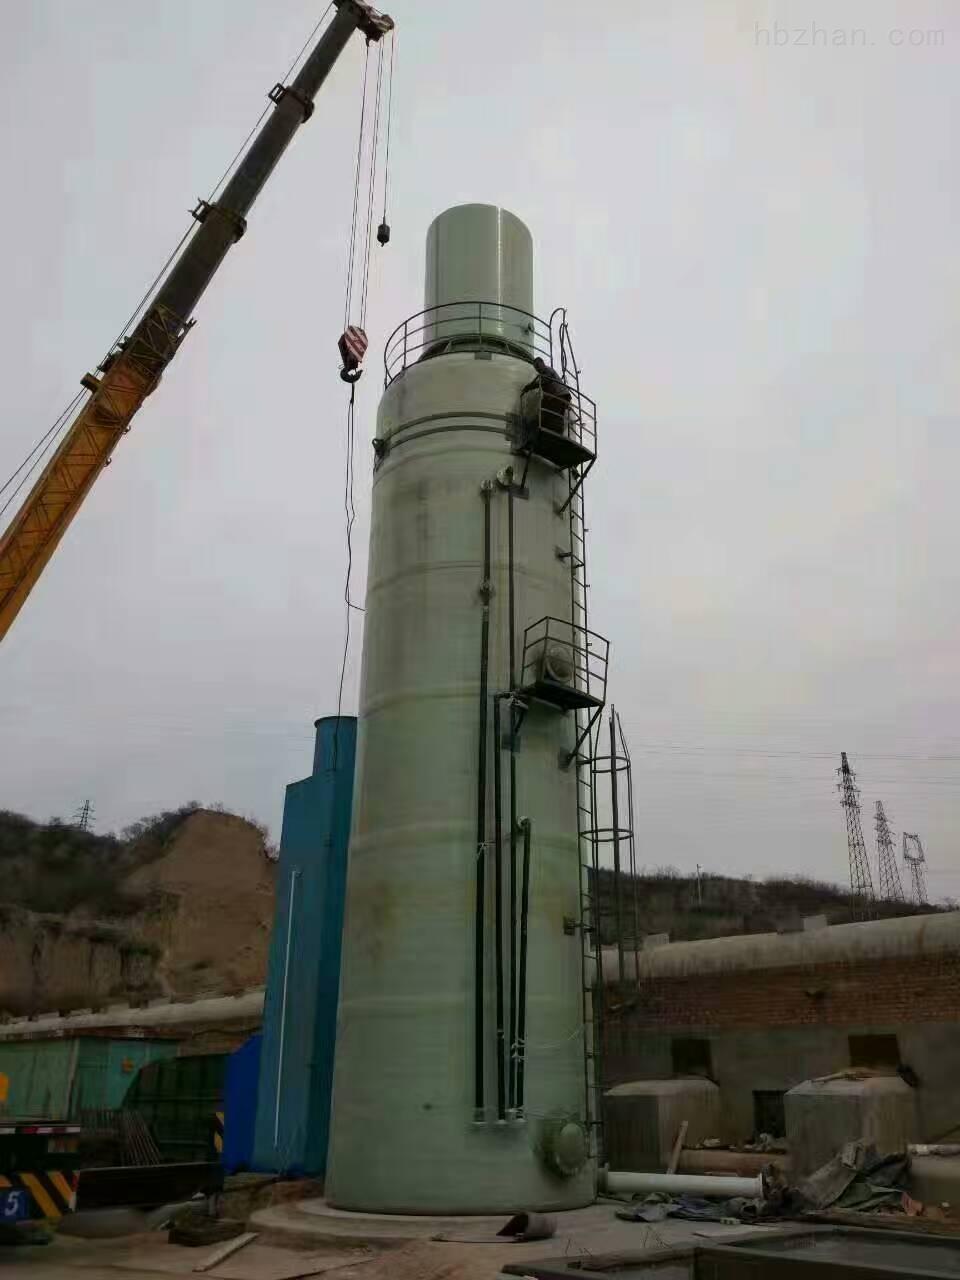 拉萨砖厂大型脱硫塔多少钱